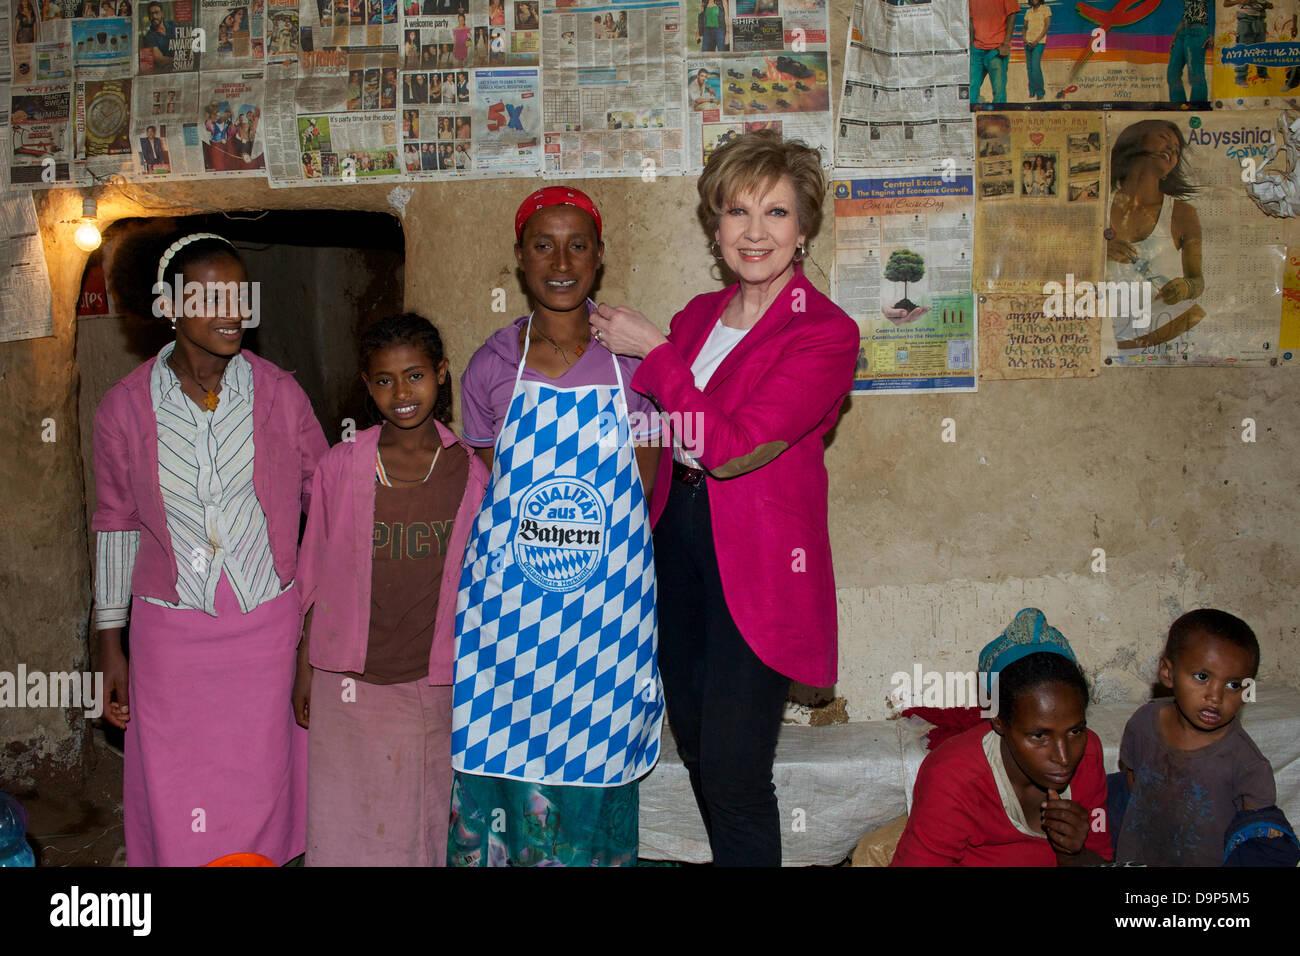 Exklusiv: Die Moderatorin Carolin Reiber schenkt am 15.03.2013 in Addis Abeba (Äthiopien) Köchin Mimi - Stock Image